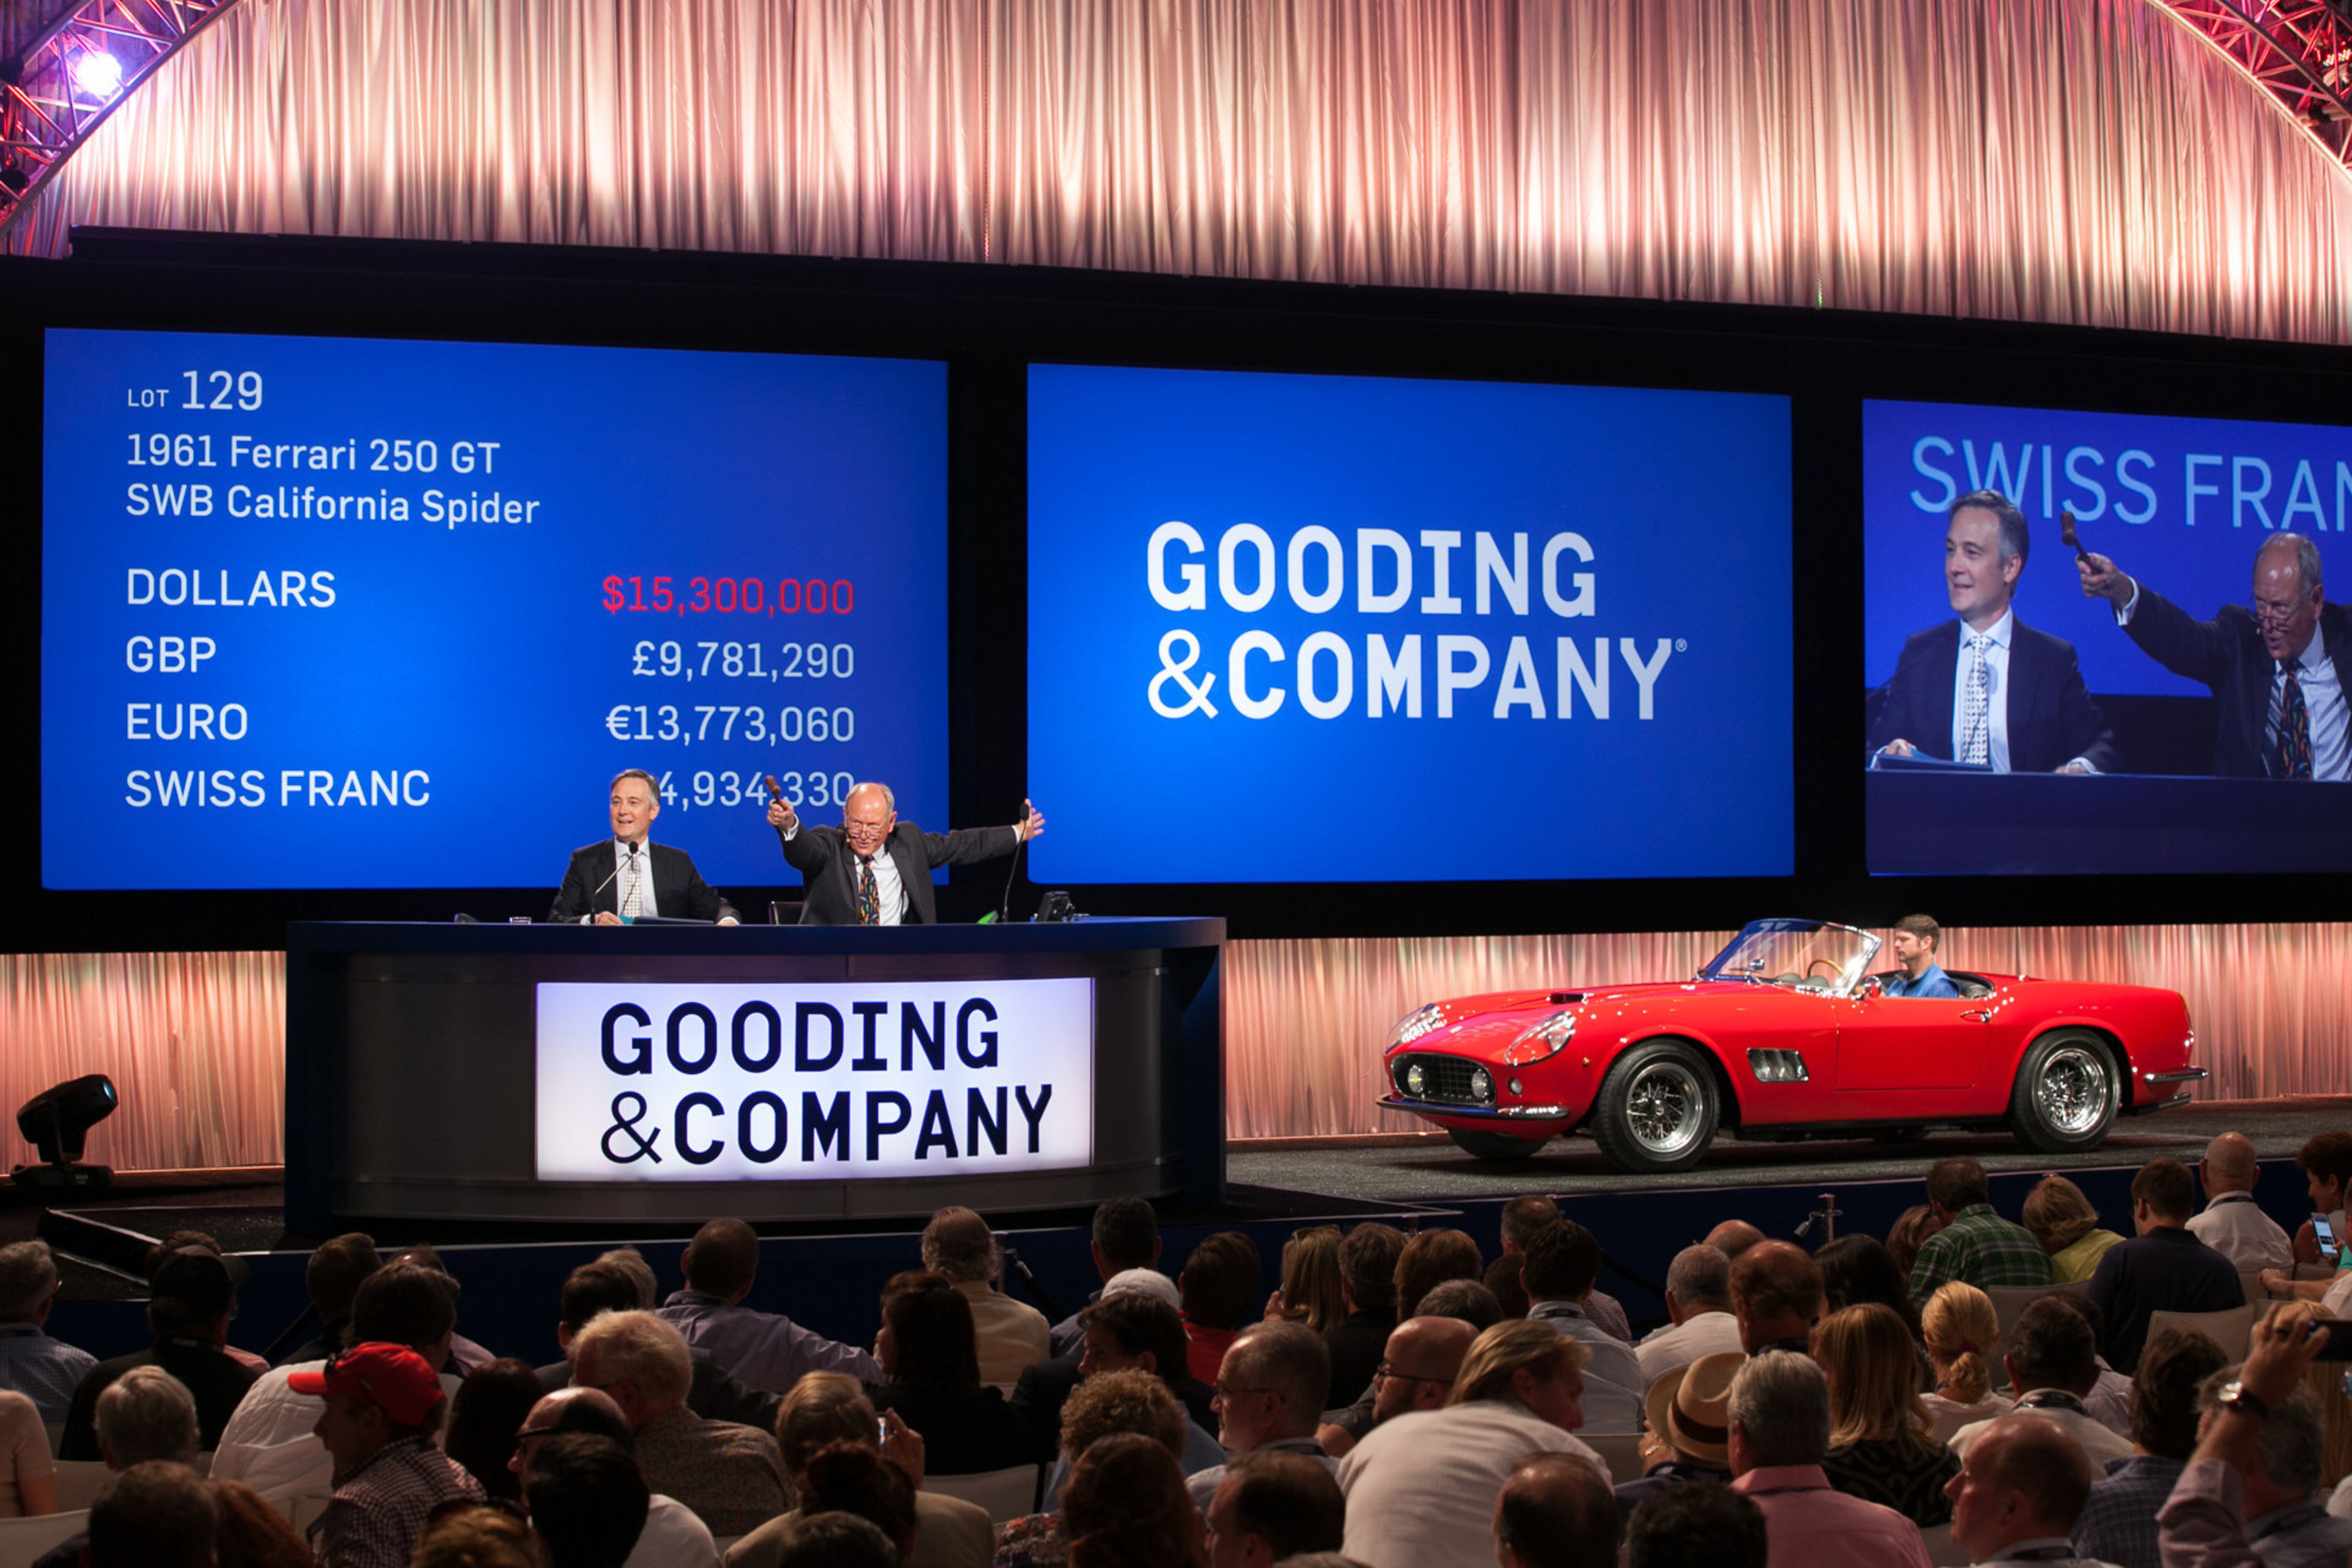 Les ventes aux enchères de Gooding & Company à Pebble Beach de deux jours réalisent plus de 128